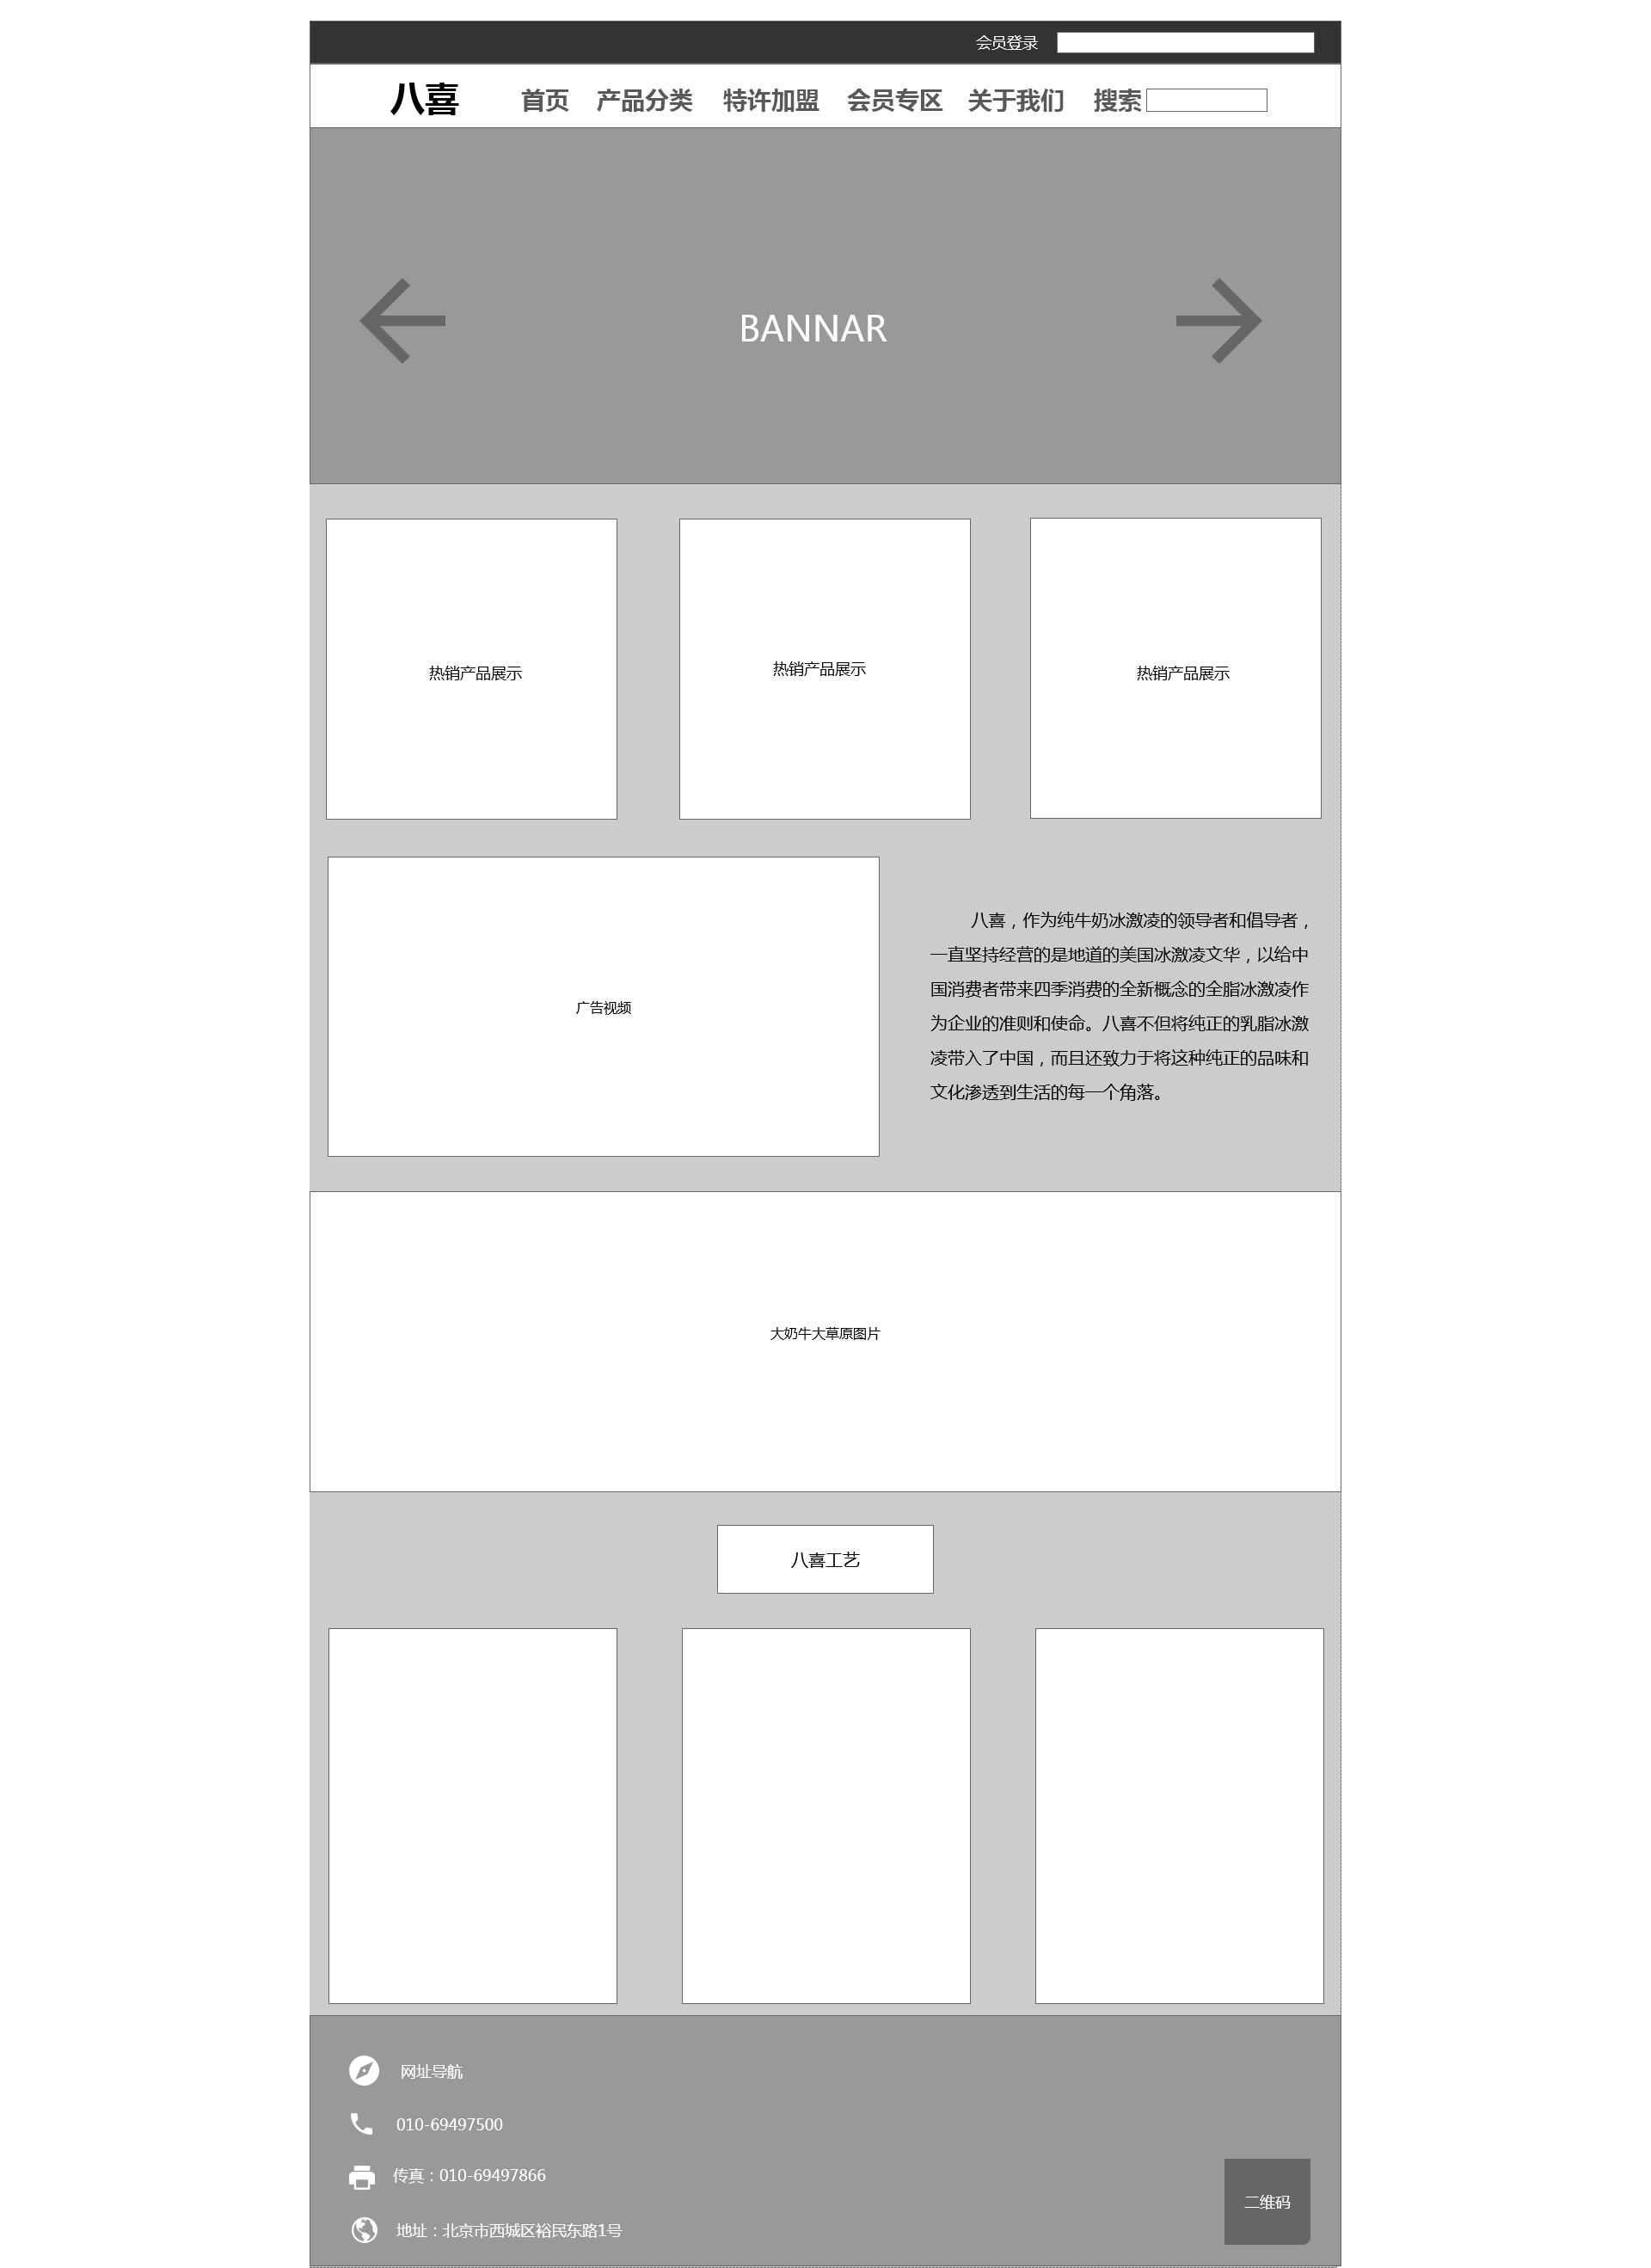 第一天作业:设计标杆管理作业